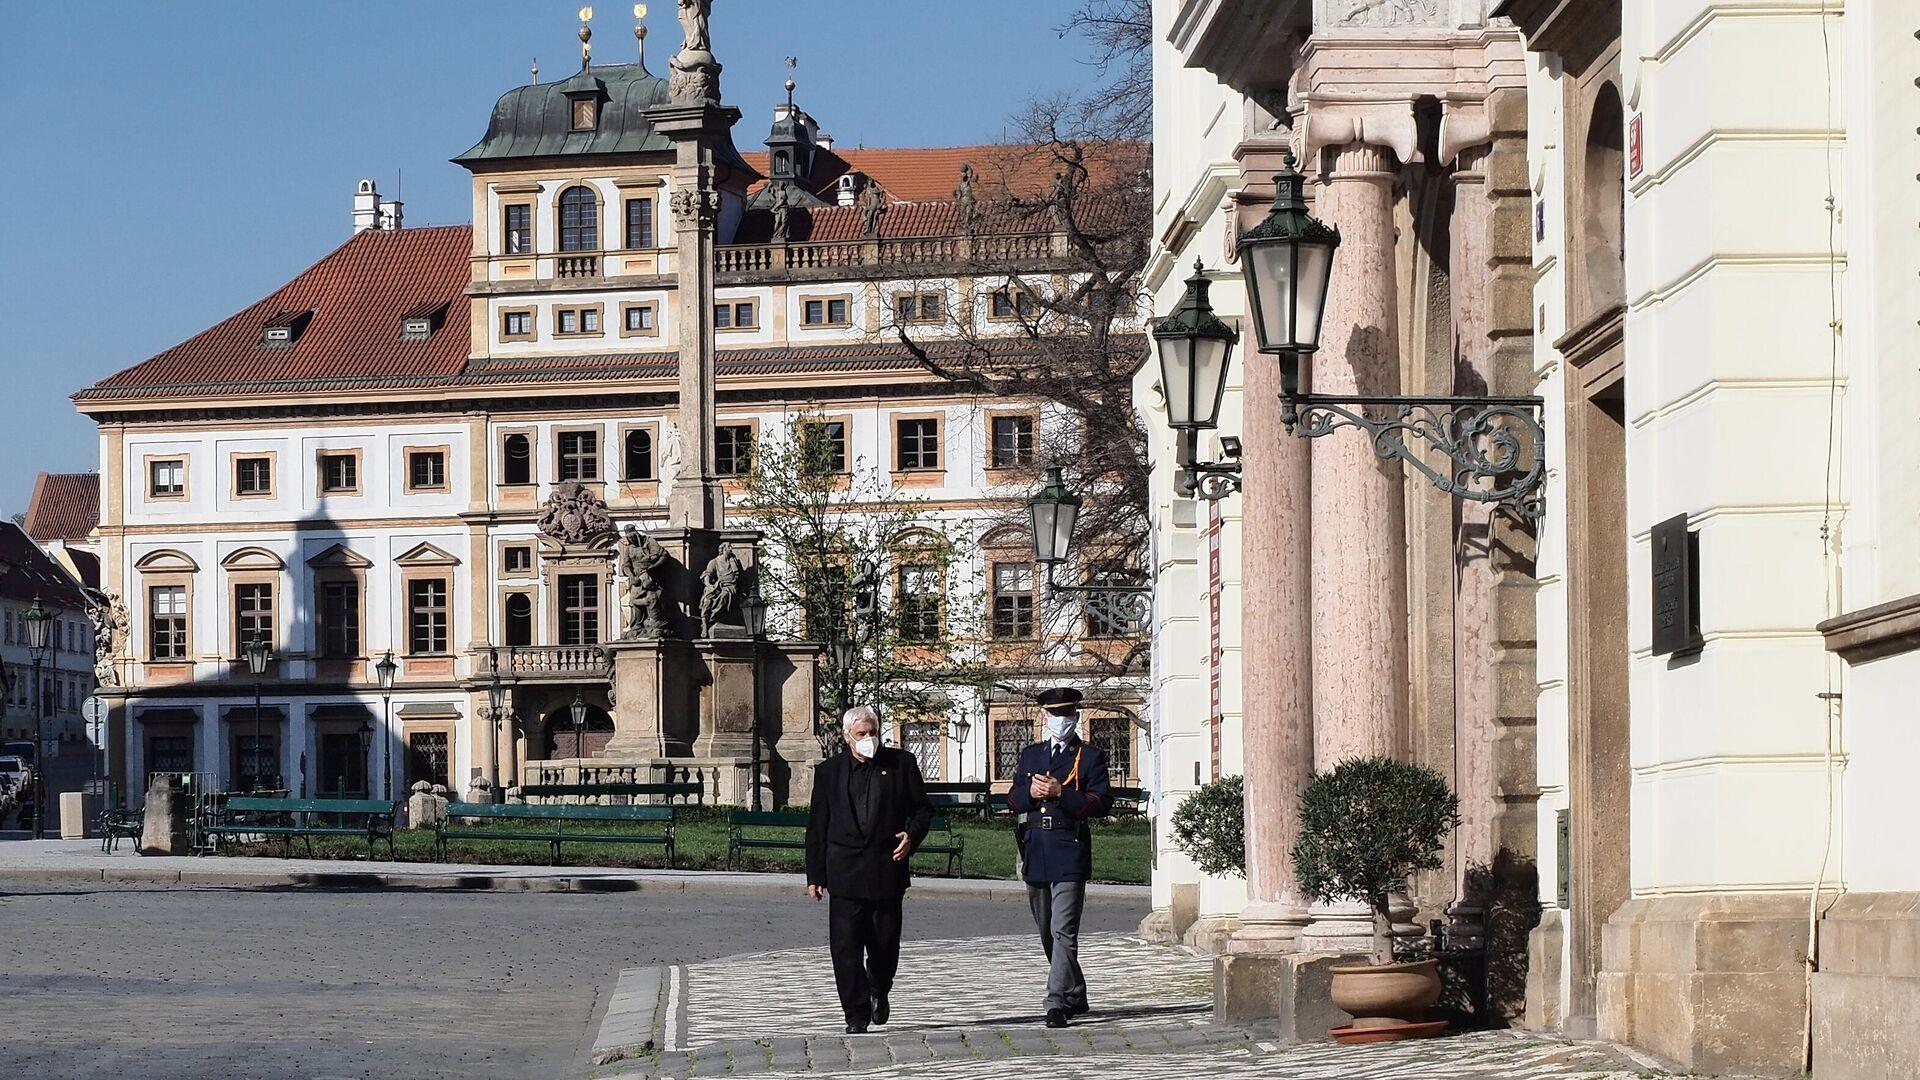 Прага, Чехия - РИА Новости, 1920, 27.02.2021